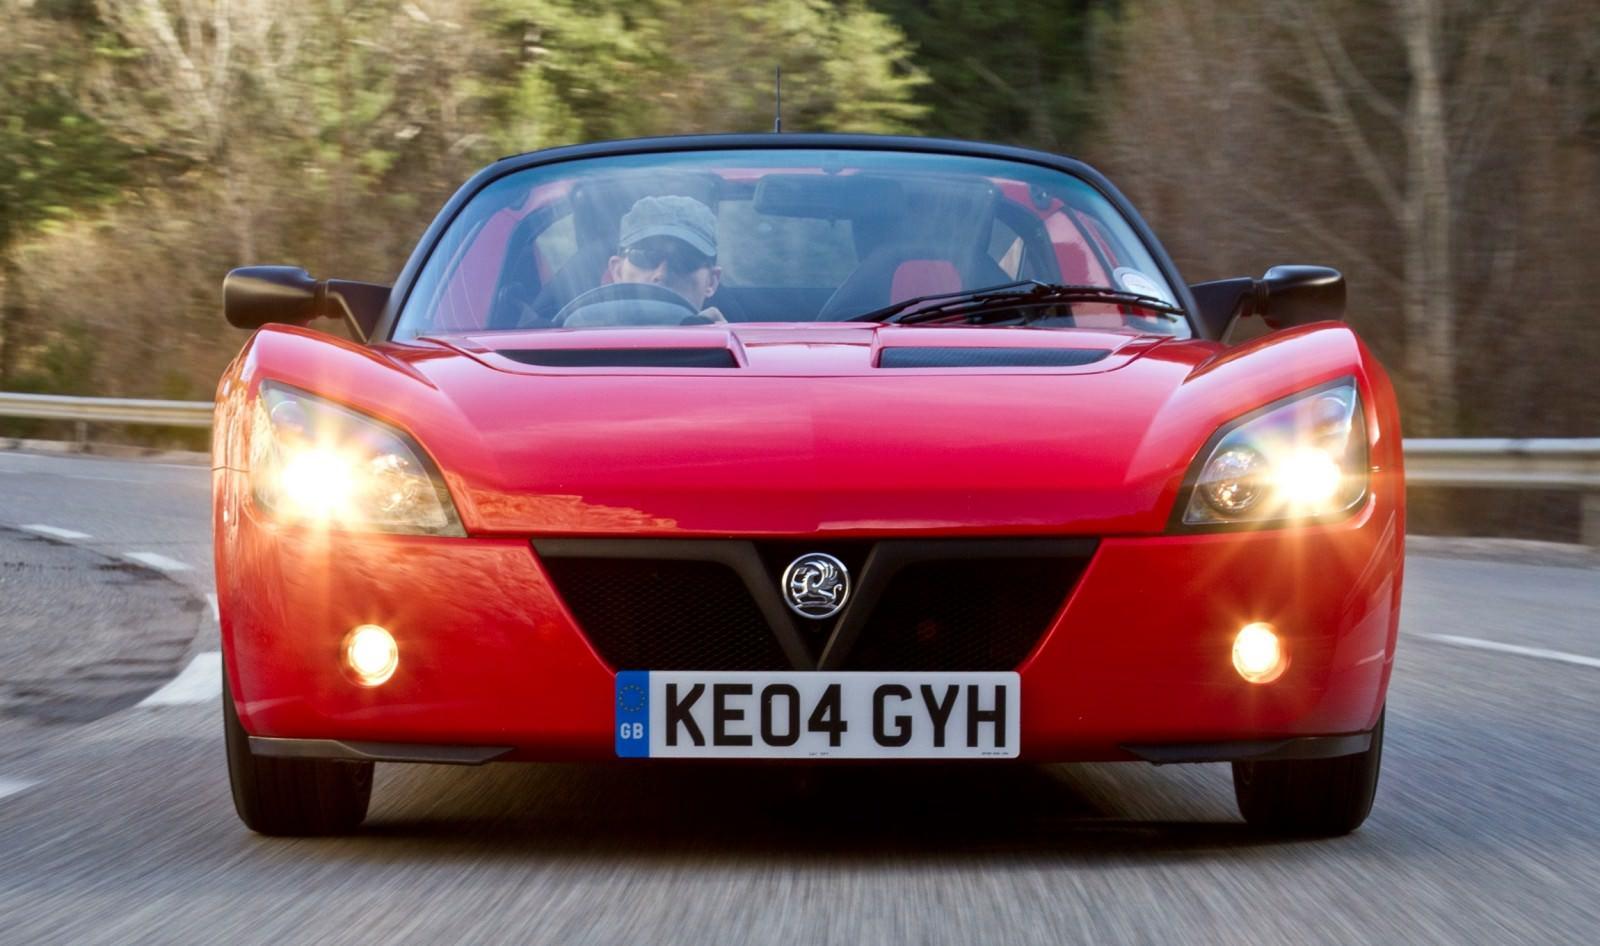 2004 Vauxhall VXR220 9